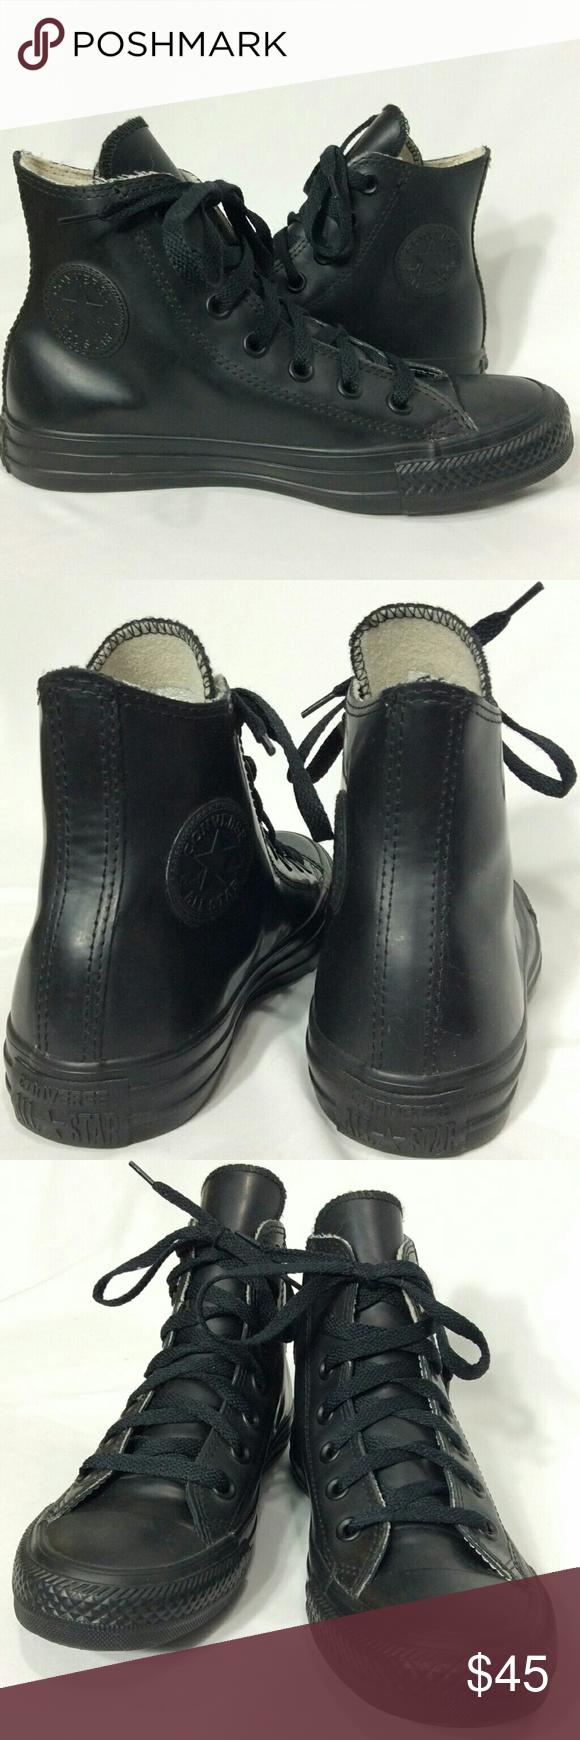 0f55db9ac97d Converse Chuck Taylor All Star Rubber Sneakers Converse Chuck Taylor All  Star Rubber rain boots